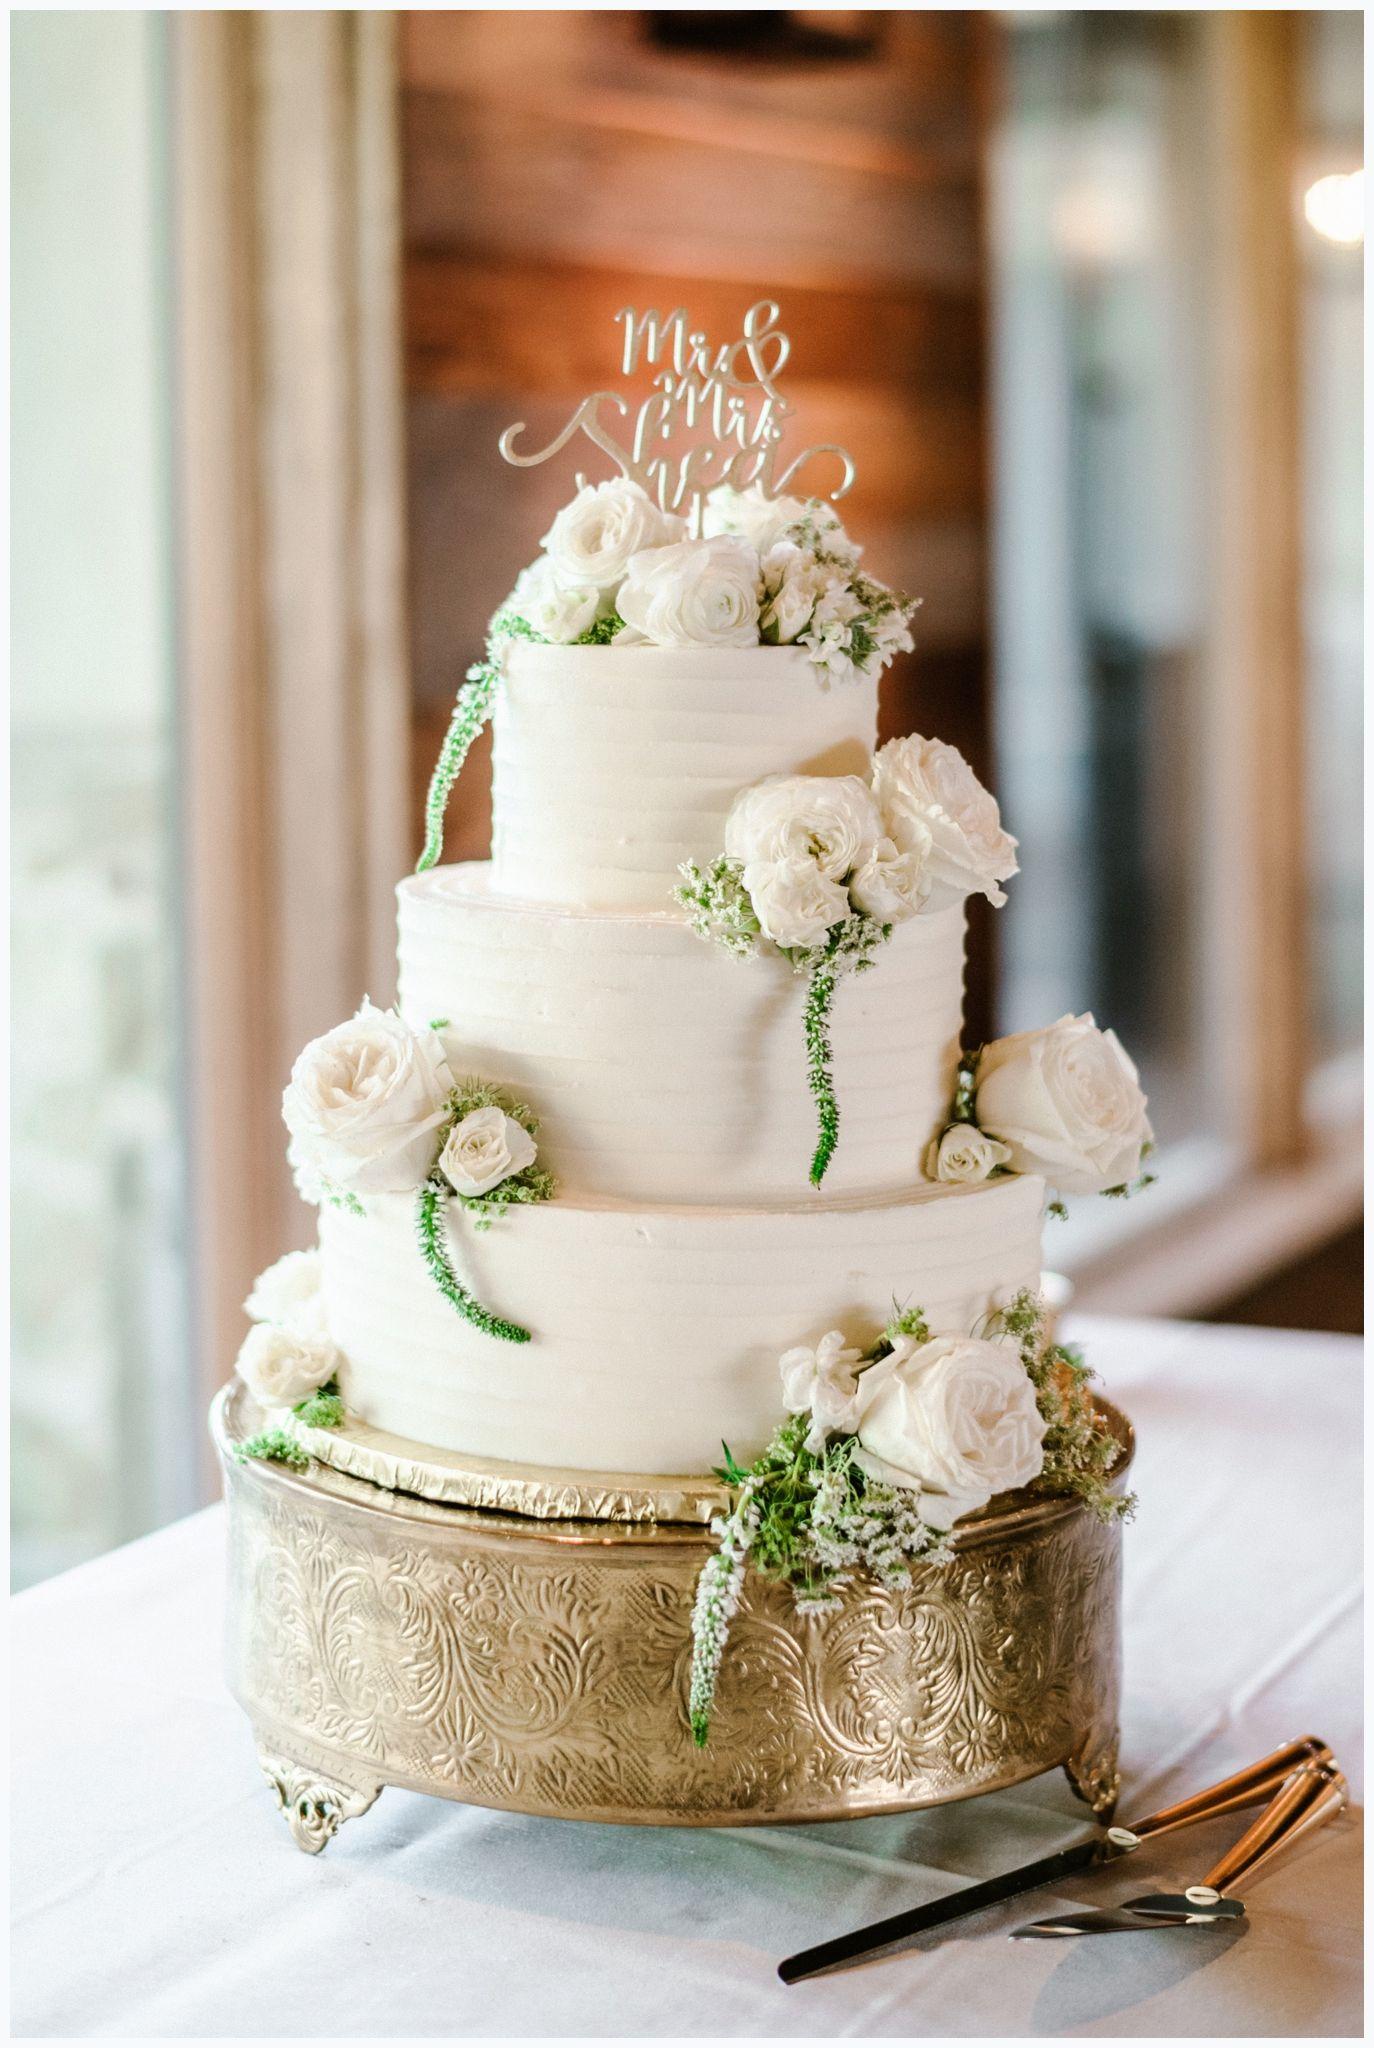 Simple Wedding Cake Simple Wedding Cake Wedding Desserts Austin Wedding